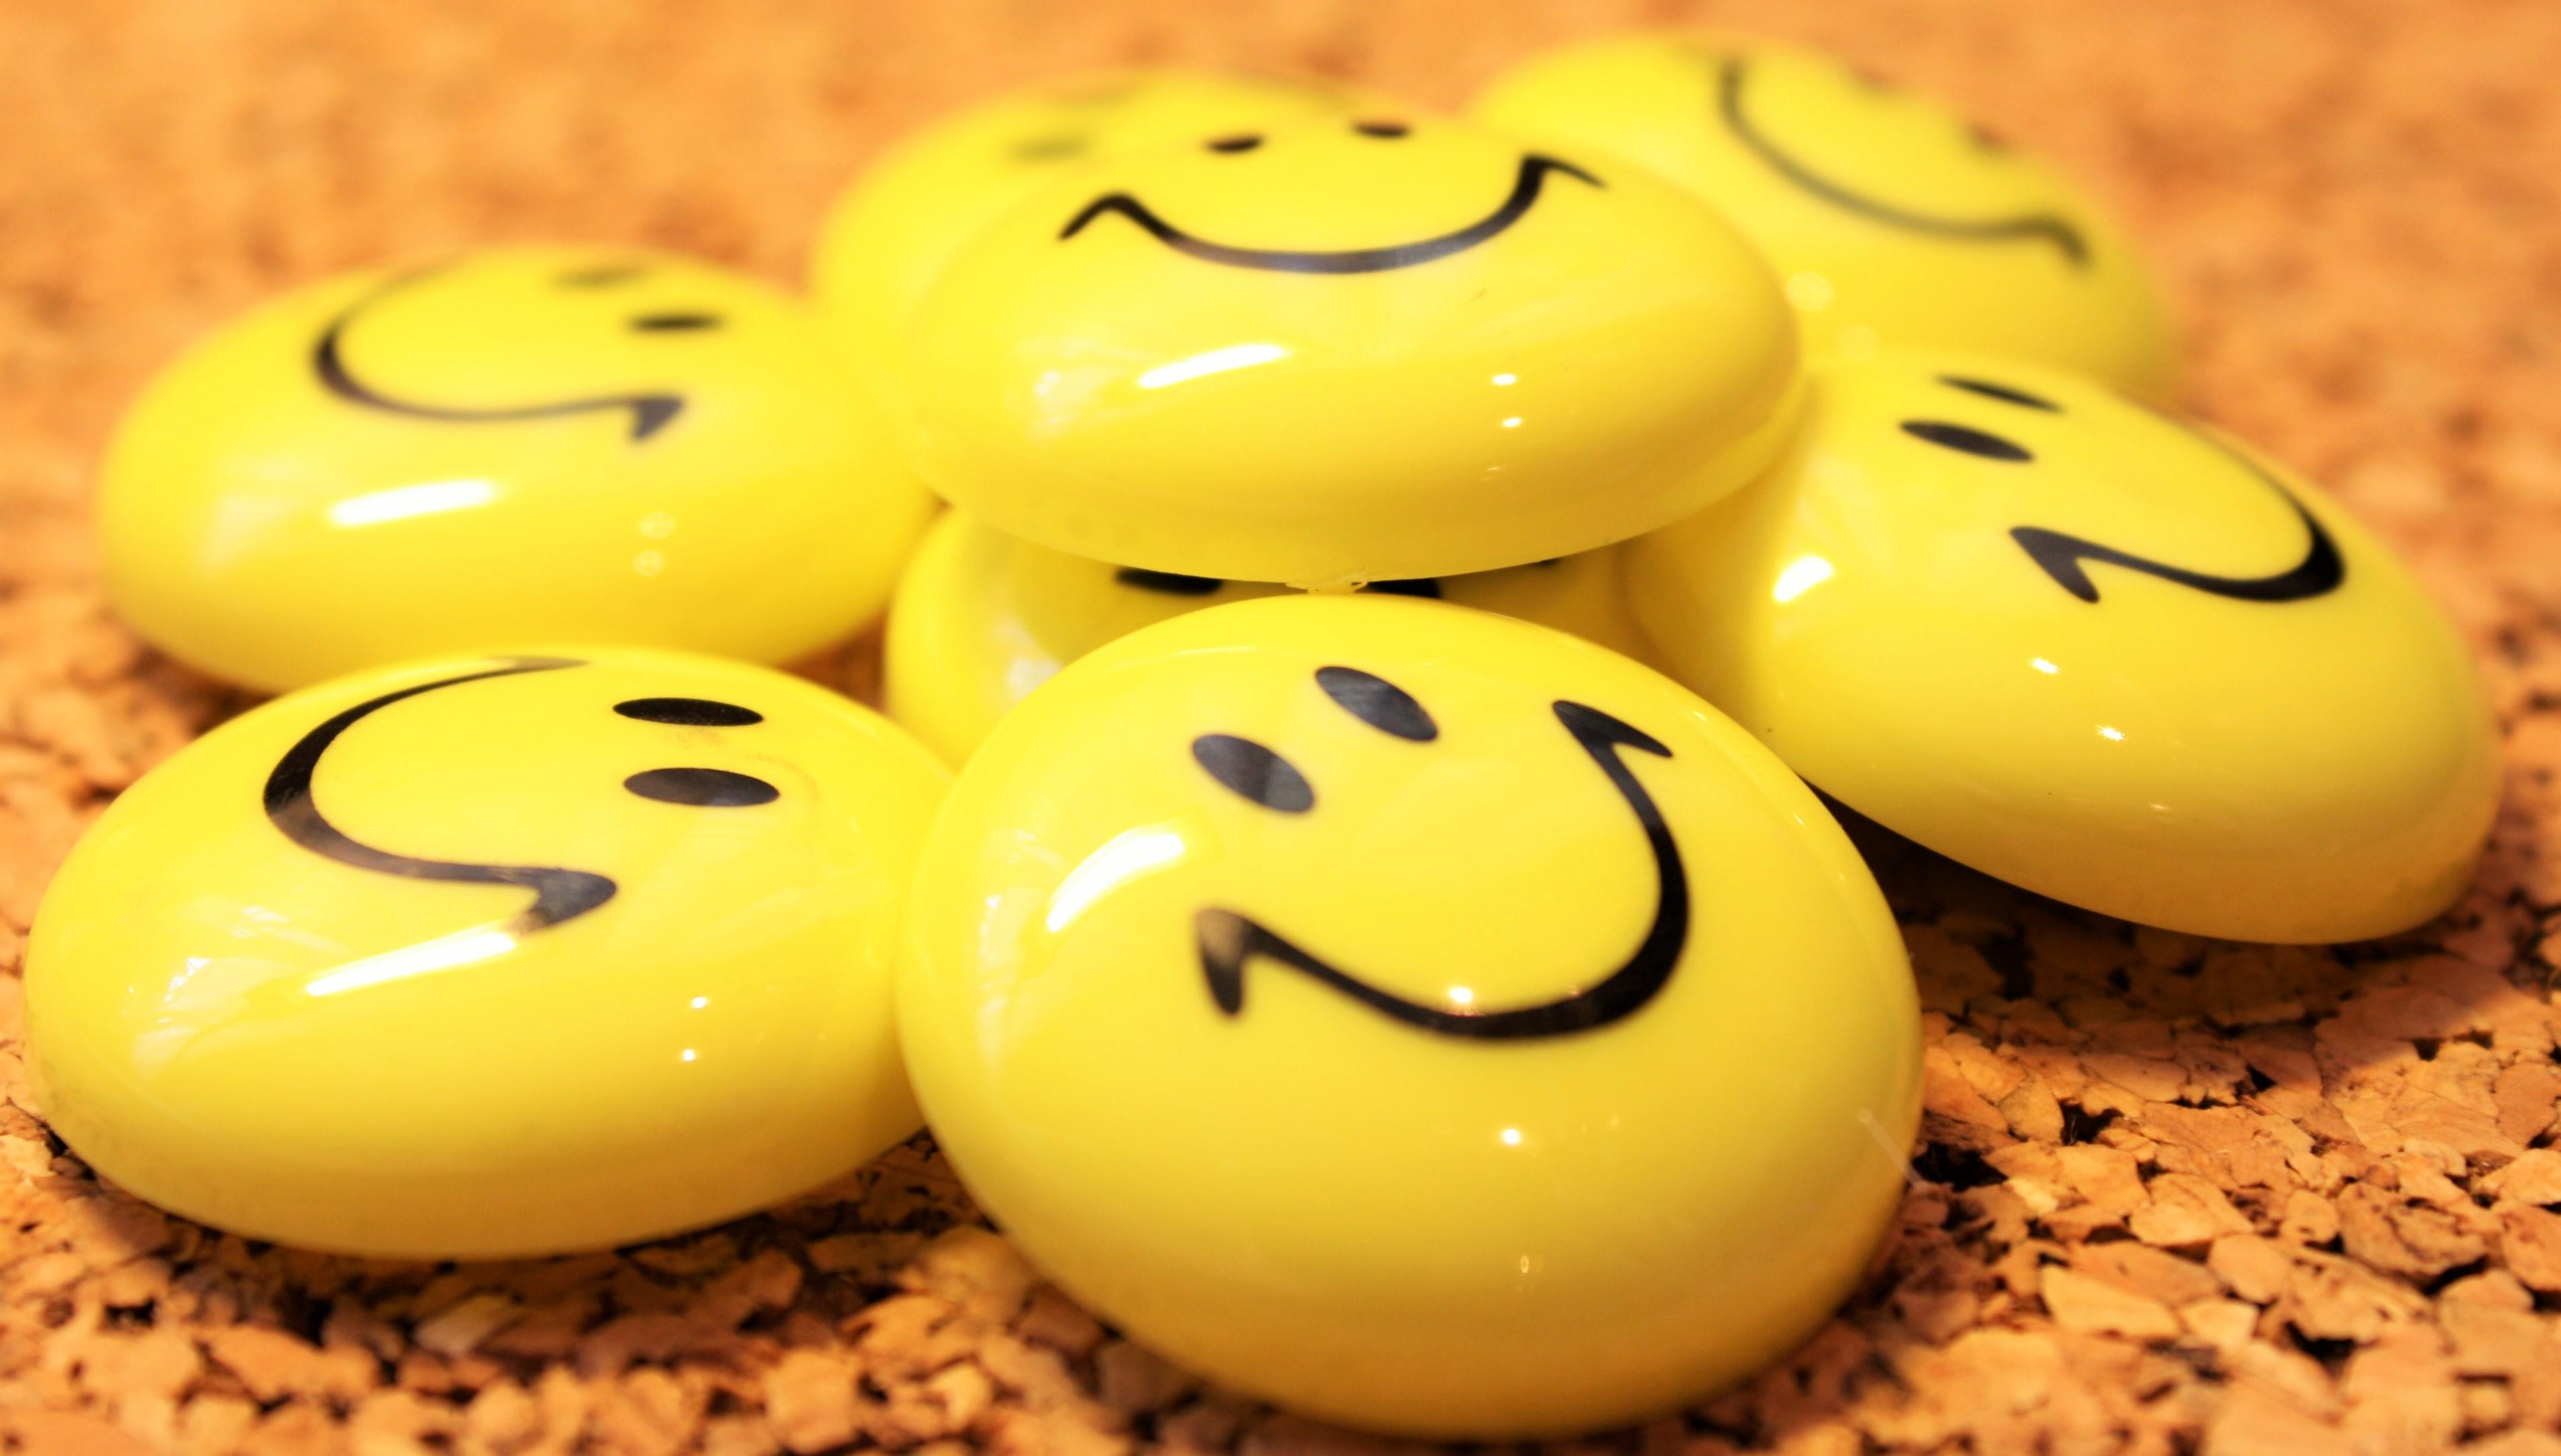 25 kleine Dinge im Leben, die uns glücklich machen können ...